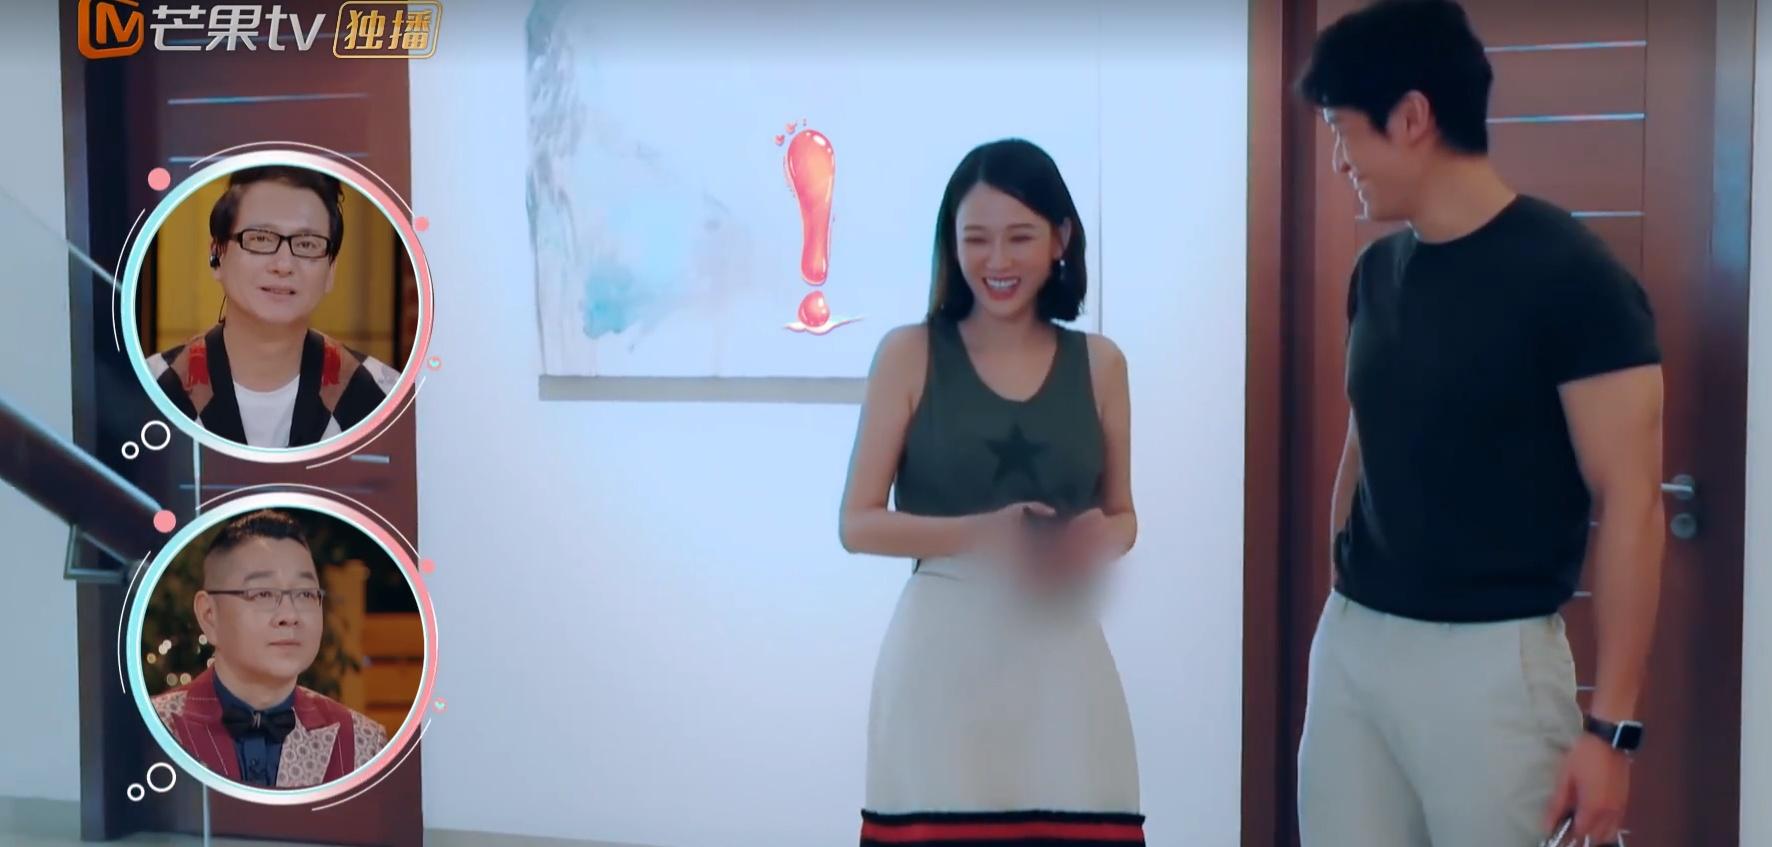 陈乔恩突遇生理期,节目组慌忙打码,网友:红色痕迹是遮不住的!